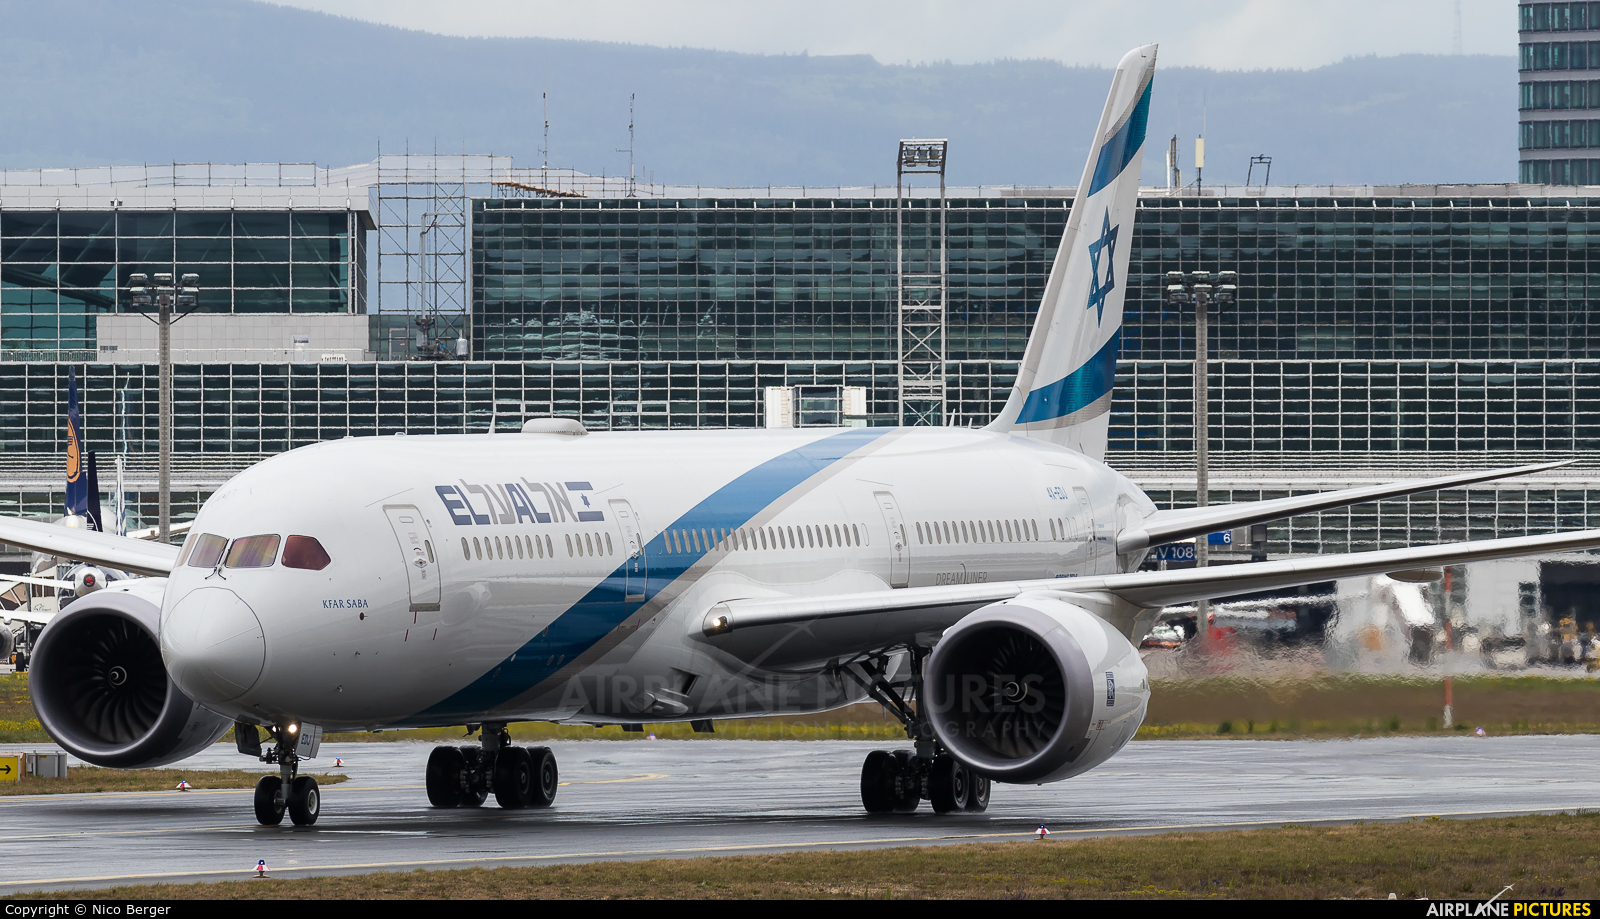 El Al Israel Airlines 4X-EDJ aircraft at Frankfurt